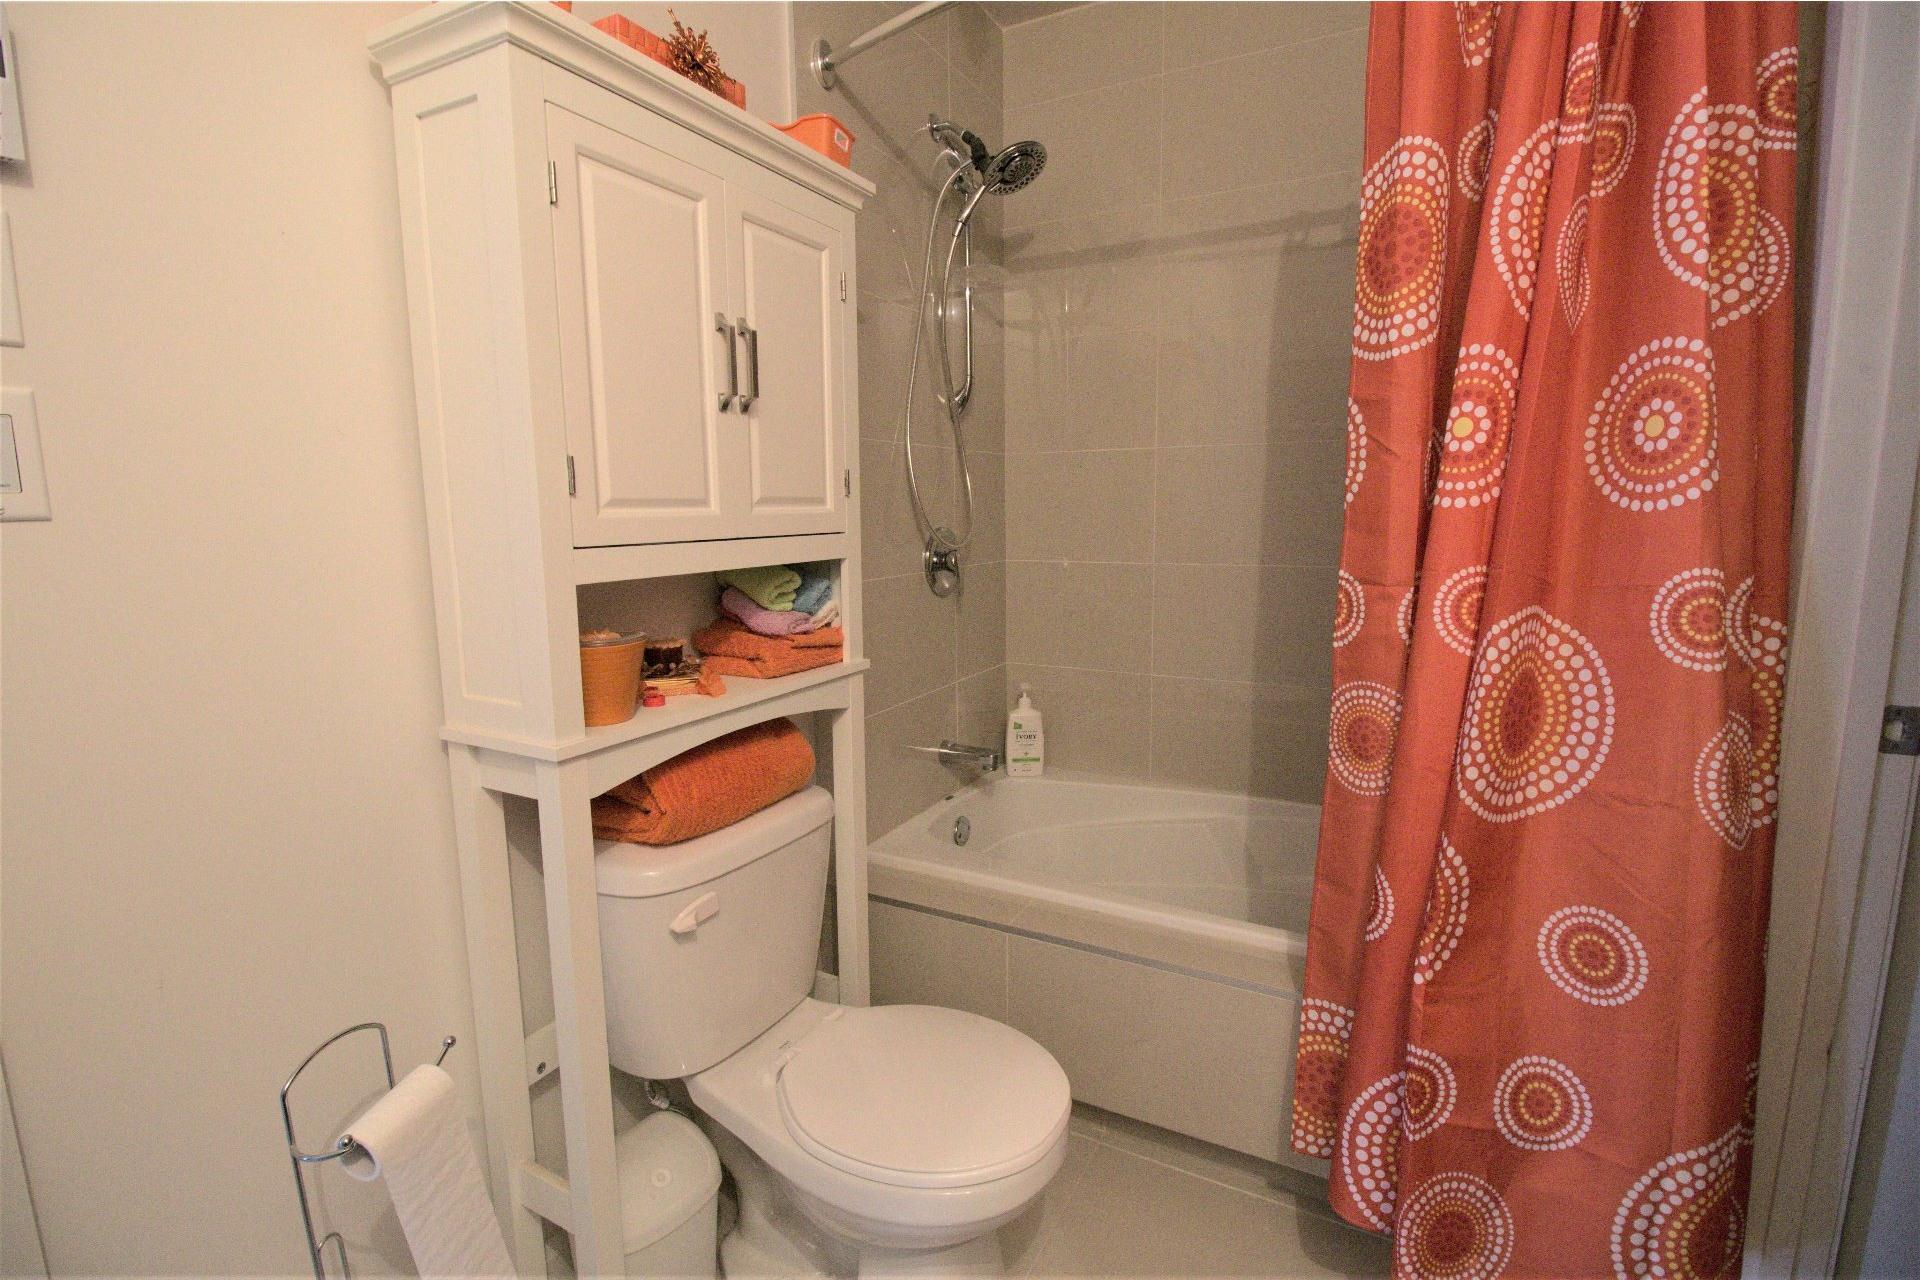 image 11 - Appartement À vendre Trois-Rivières - 5 pièces